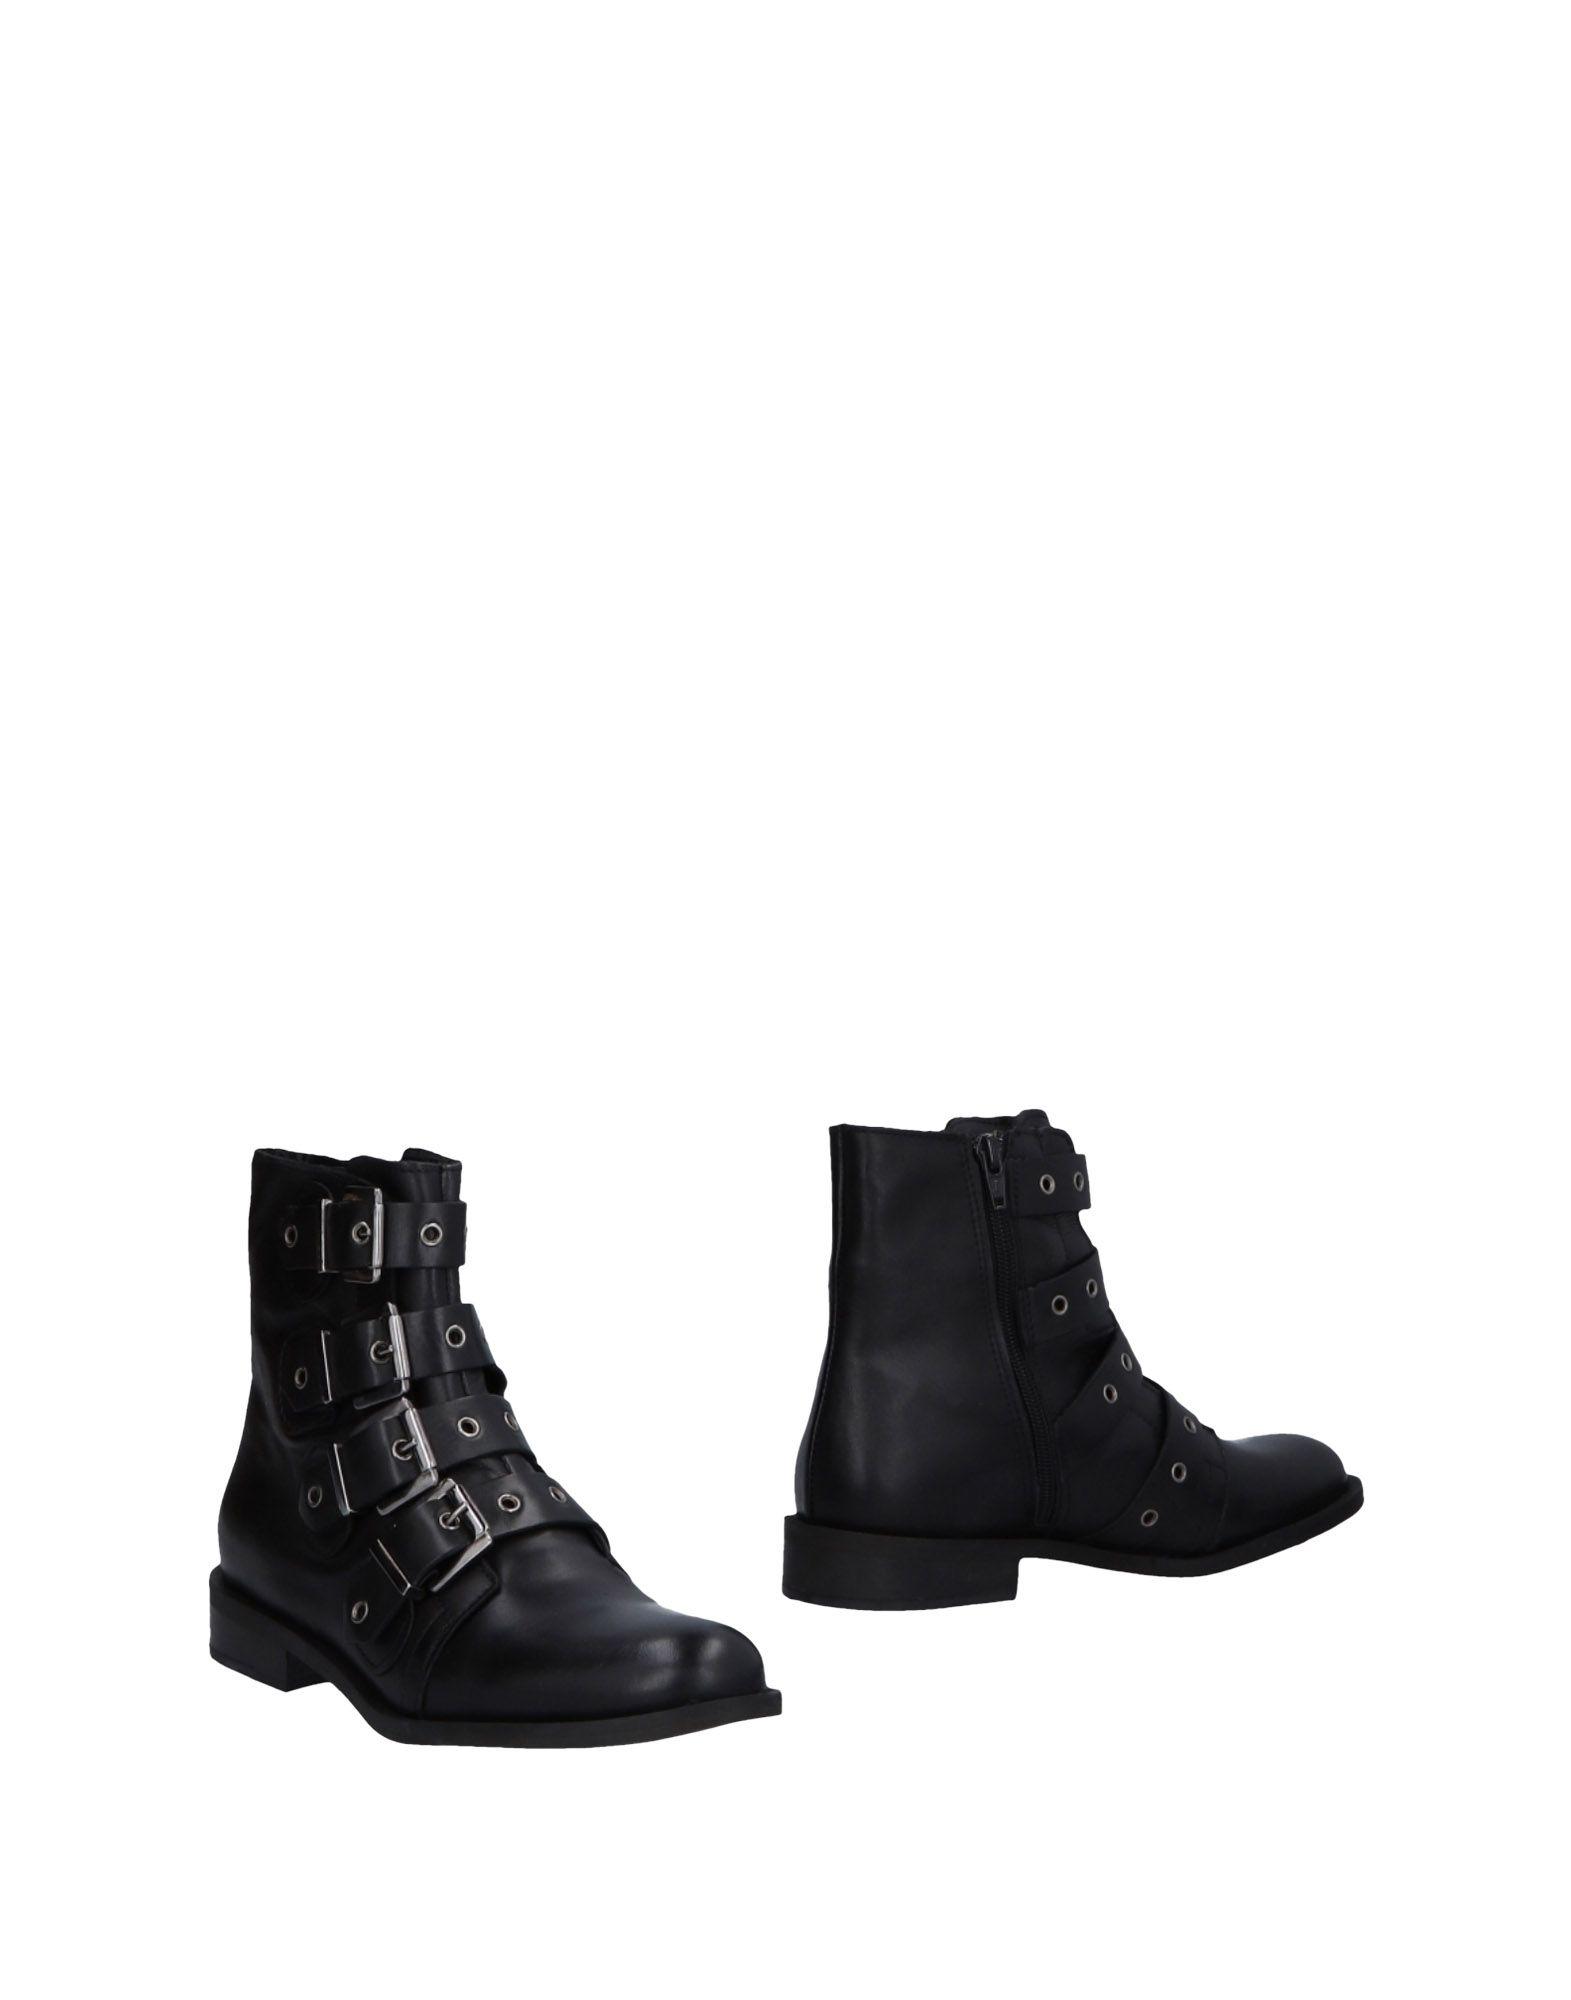 Unlace Stiefelette Damen  11475127MT Gute Qualität beliebte Schuhe